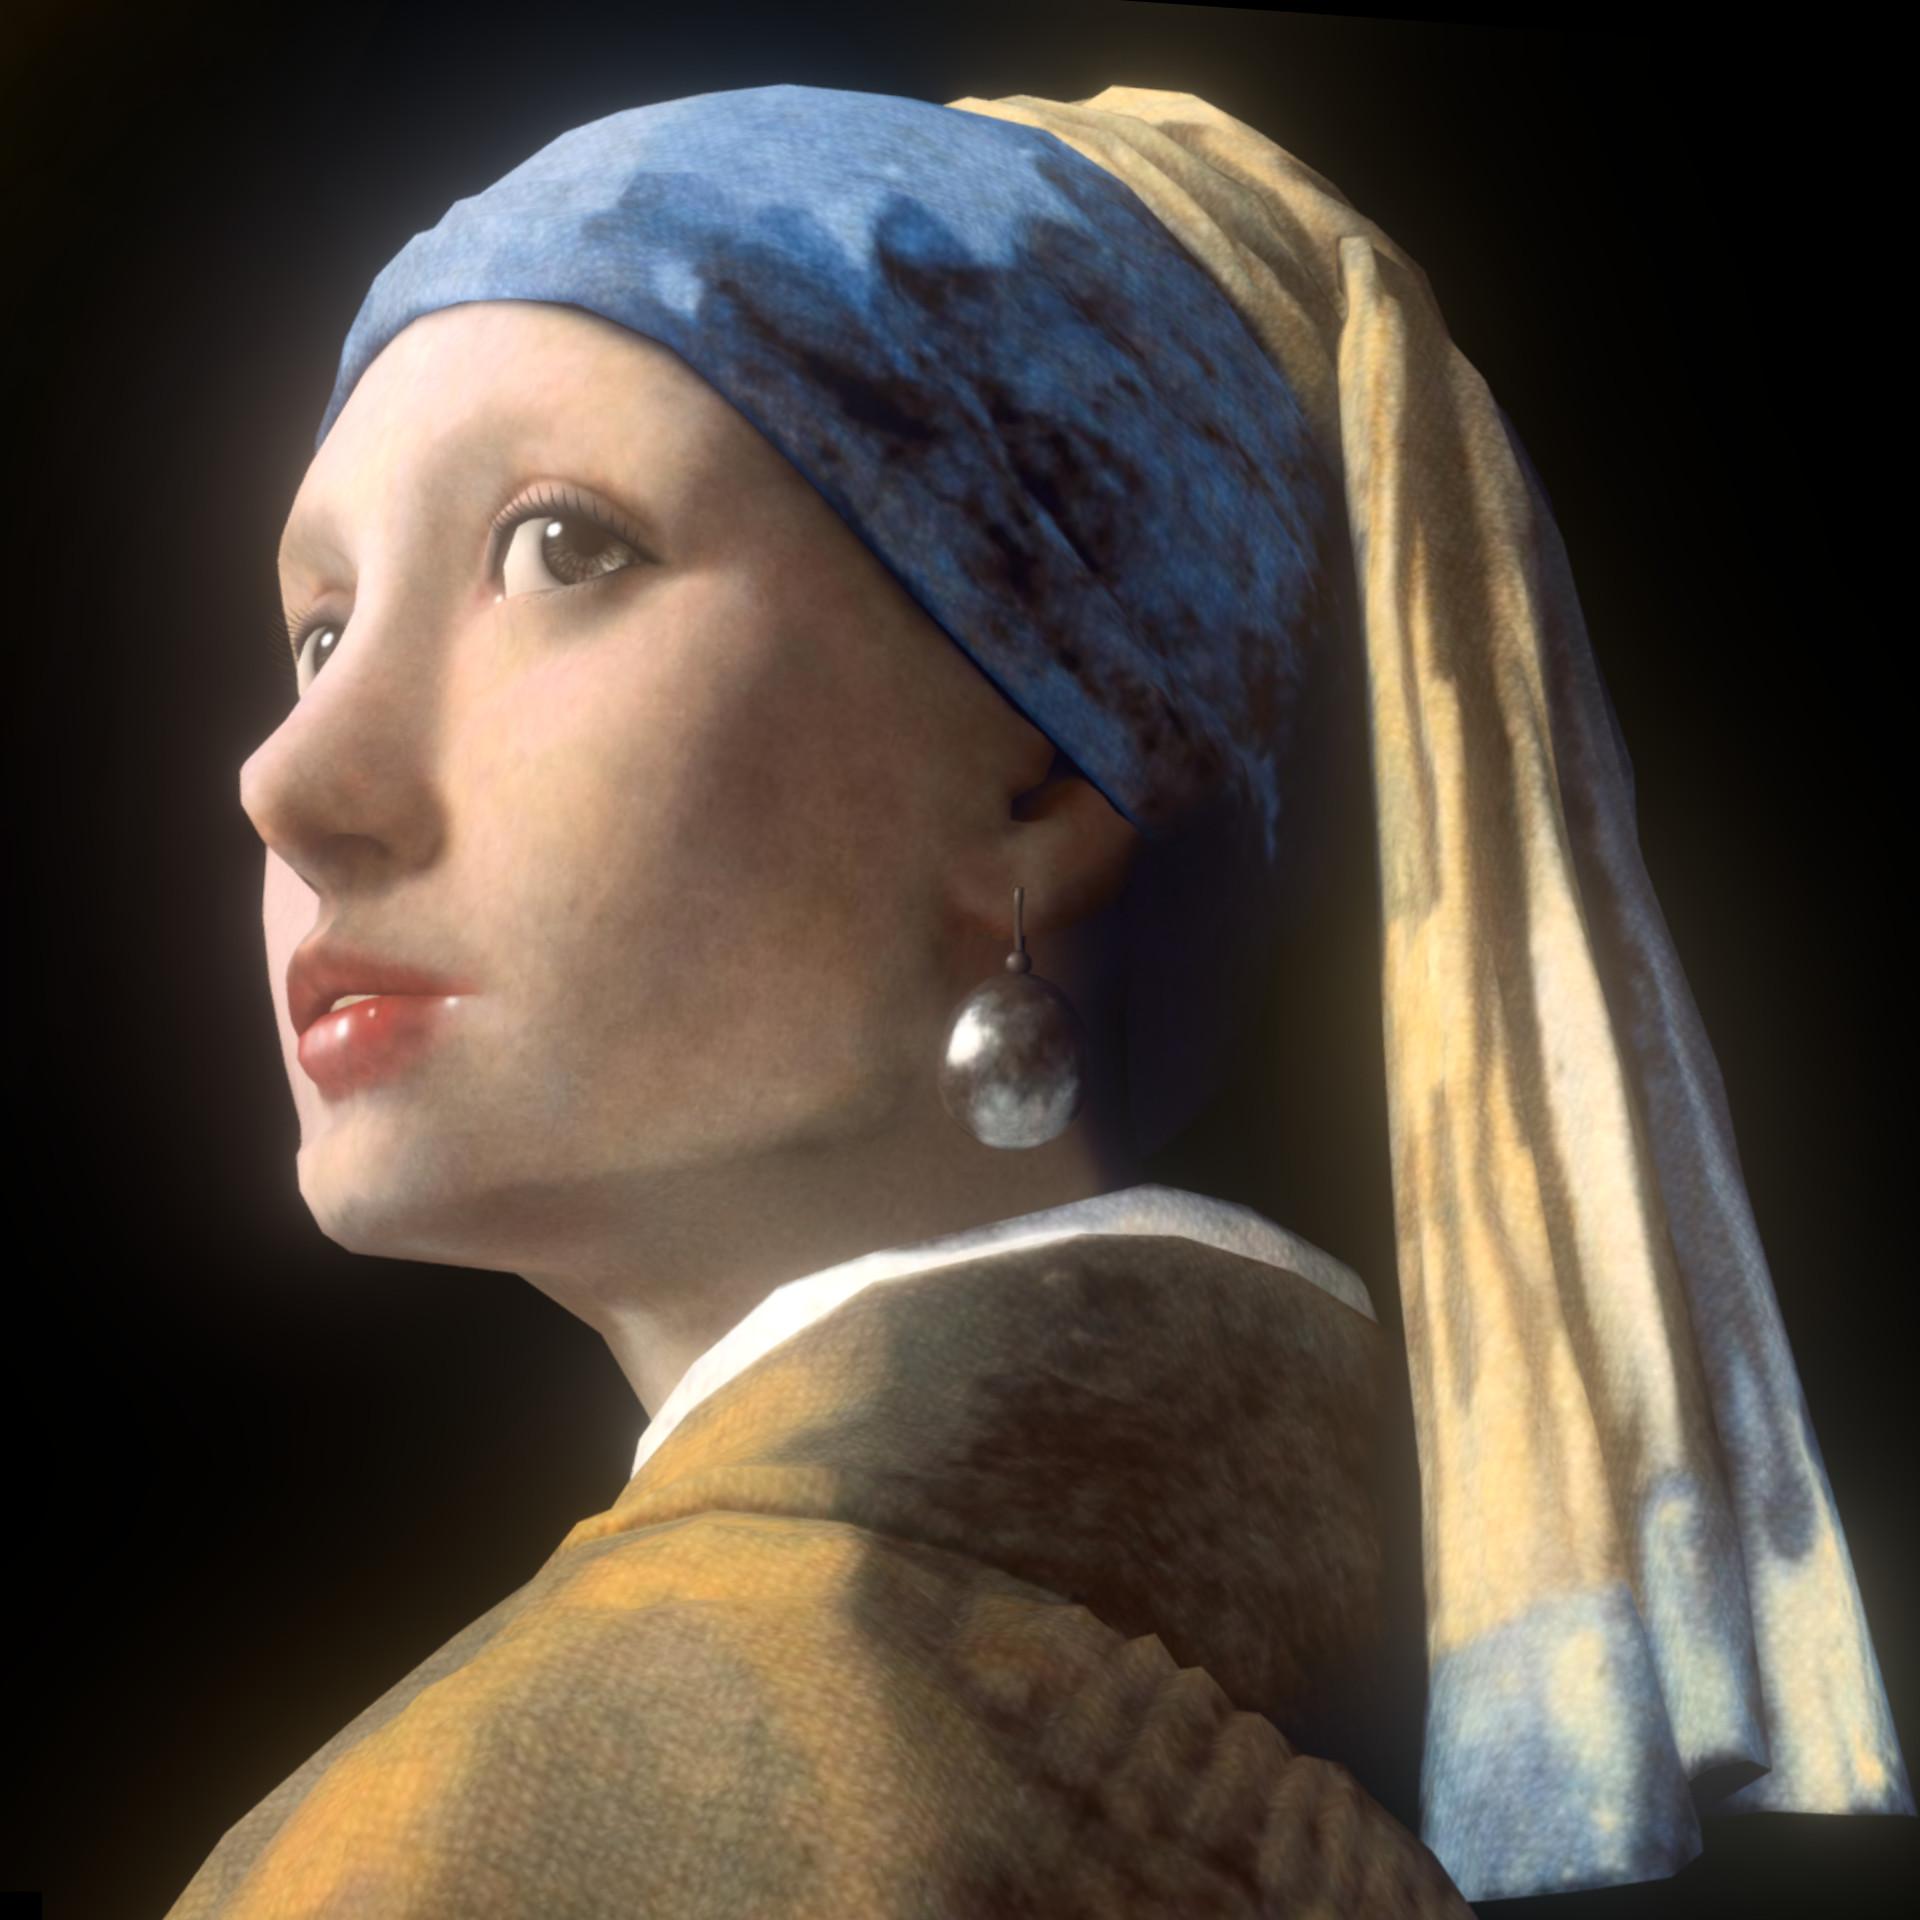 With A Pearl Earring With A Pearl Earring Earrings Biju